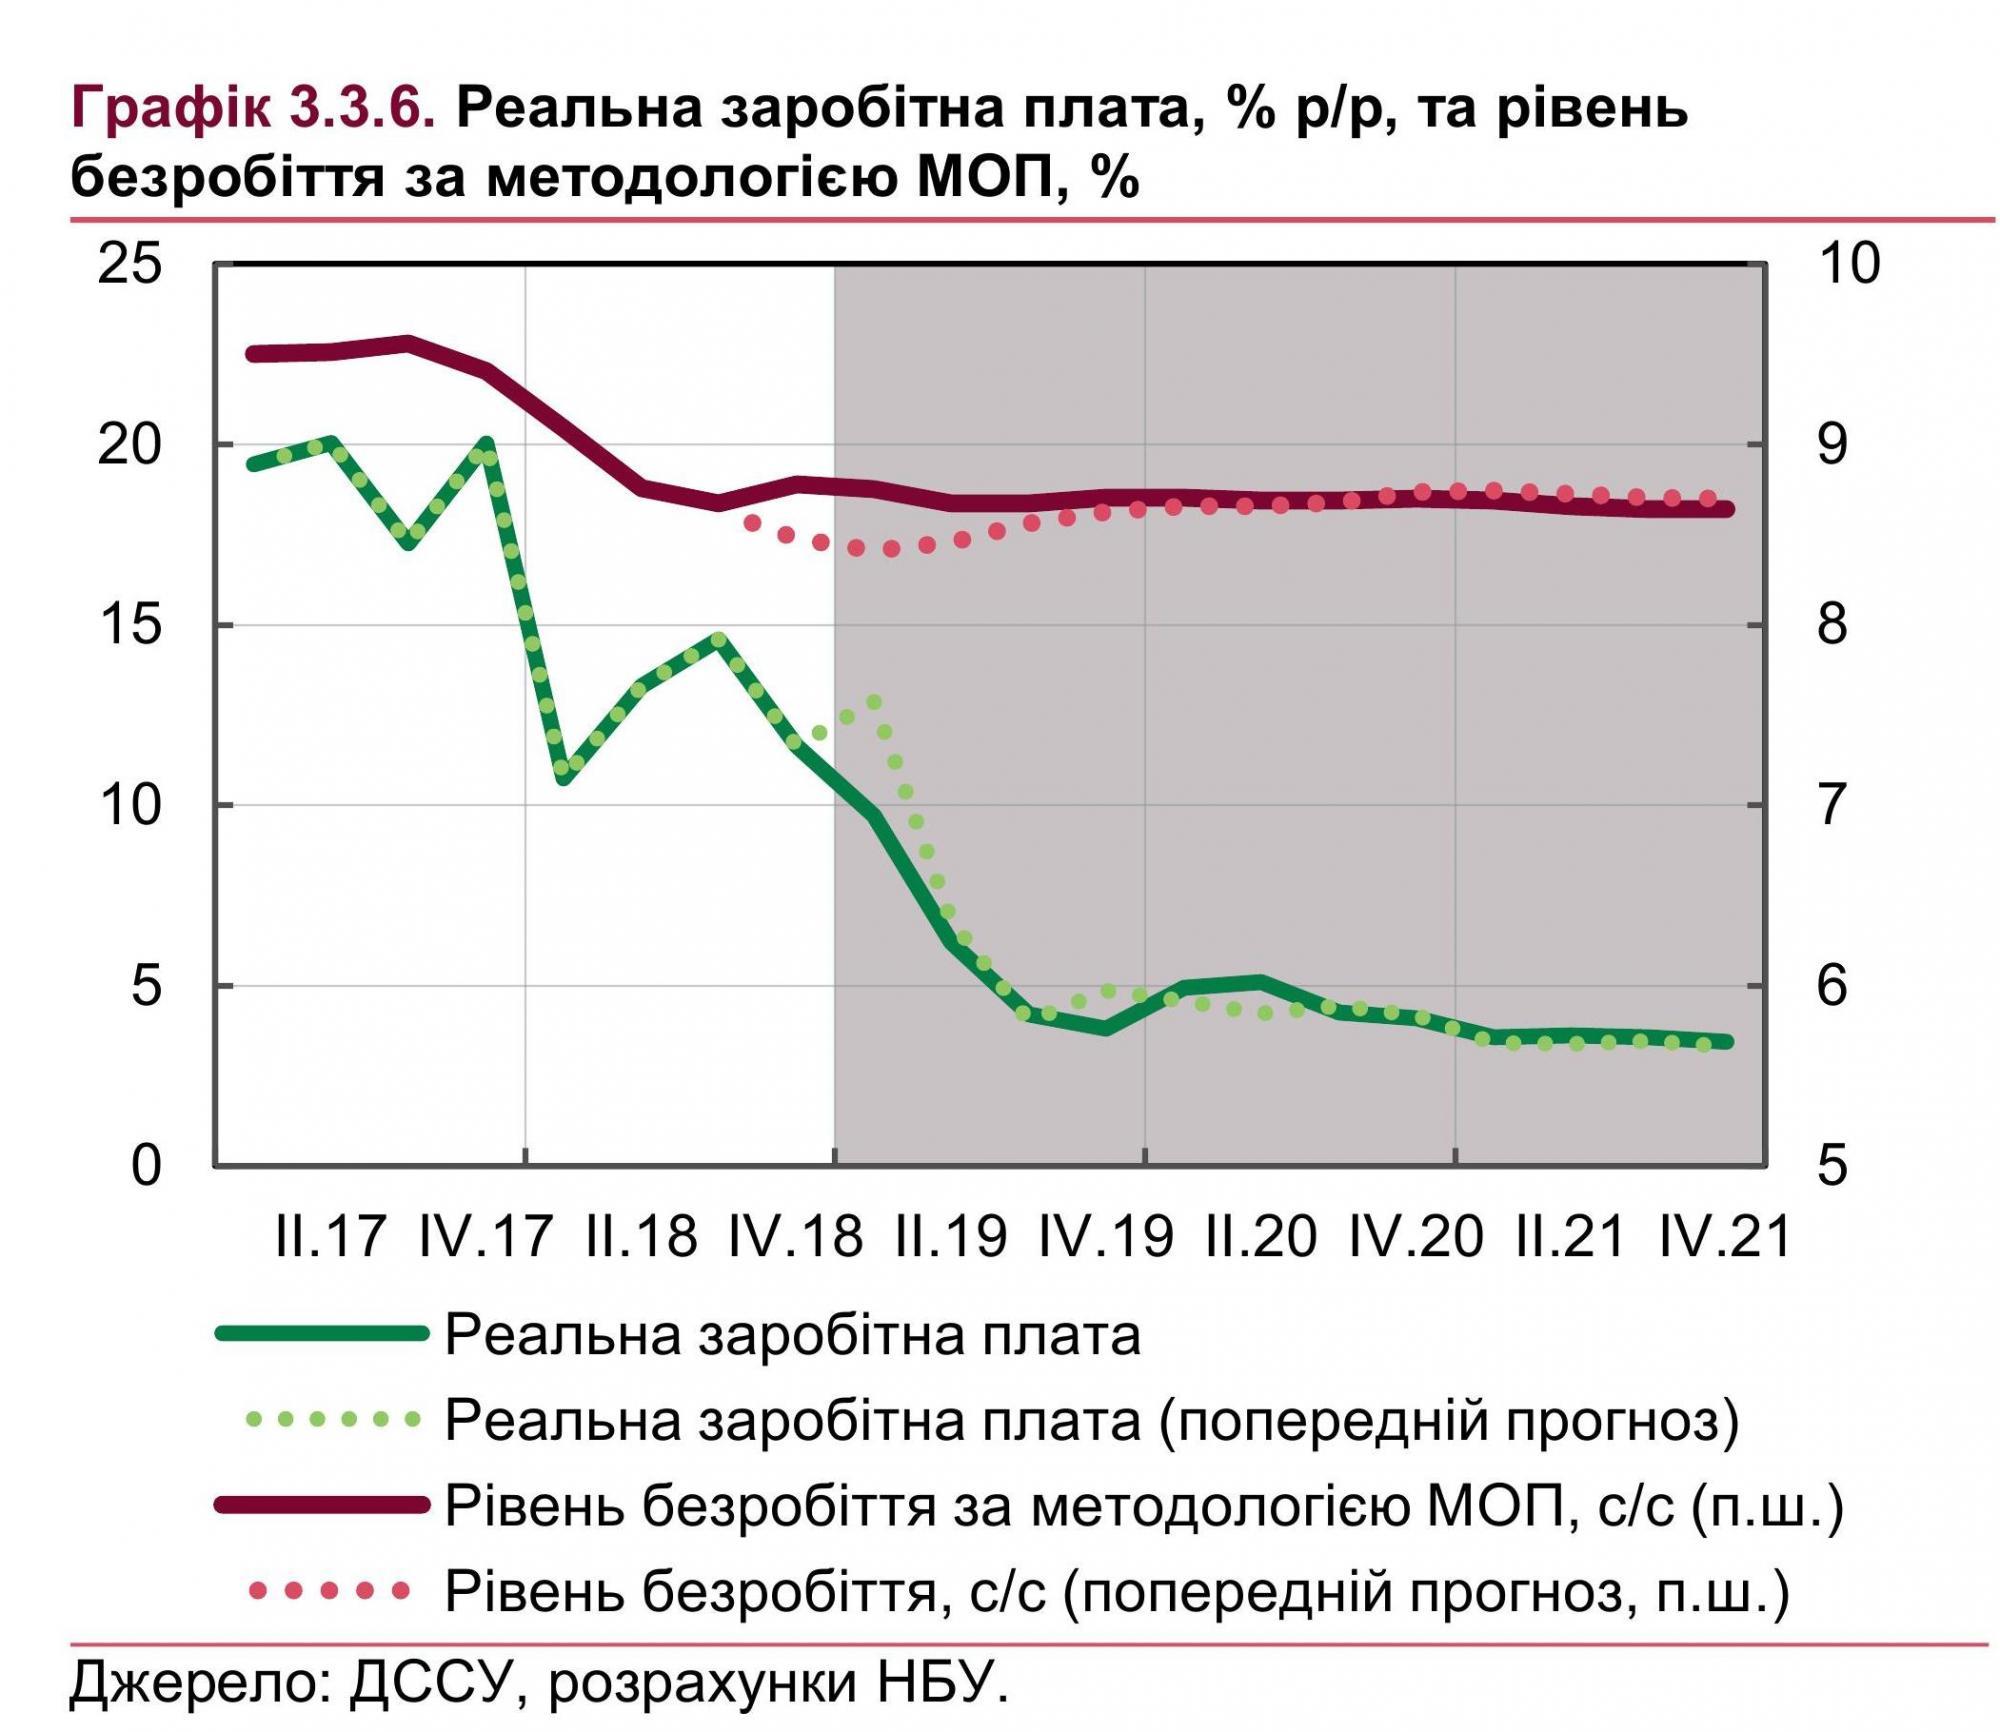 НБУ дал прогноз по зарплатам и безработице в Украине